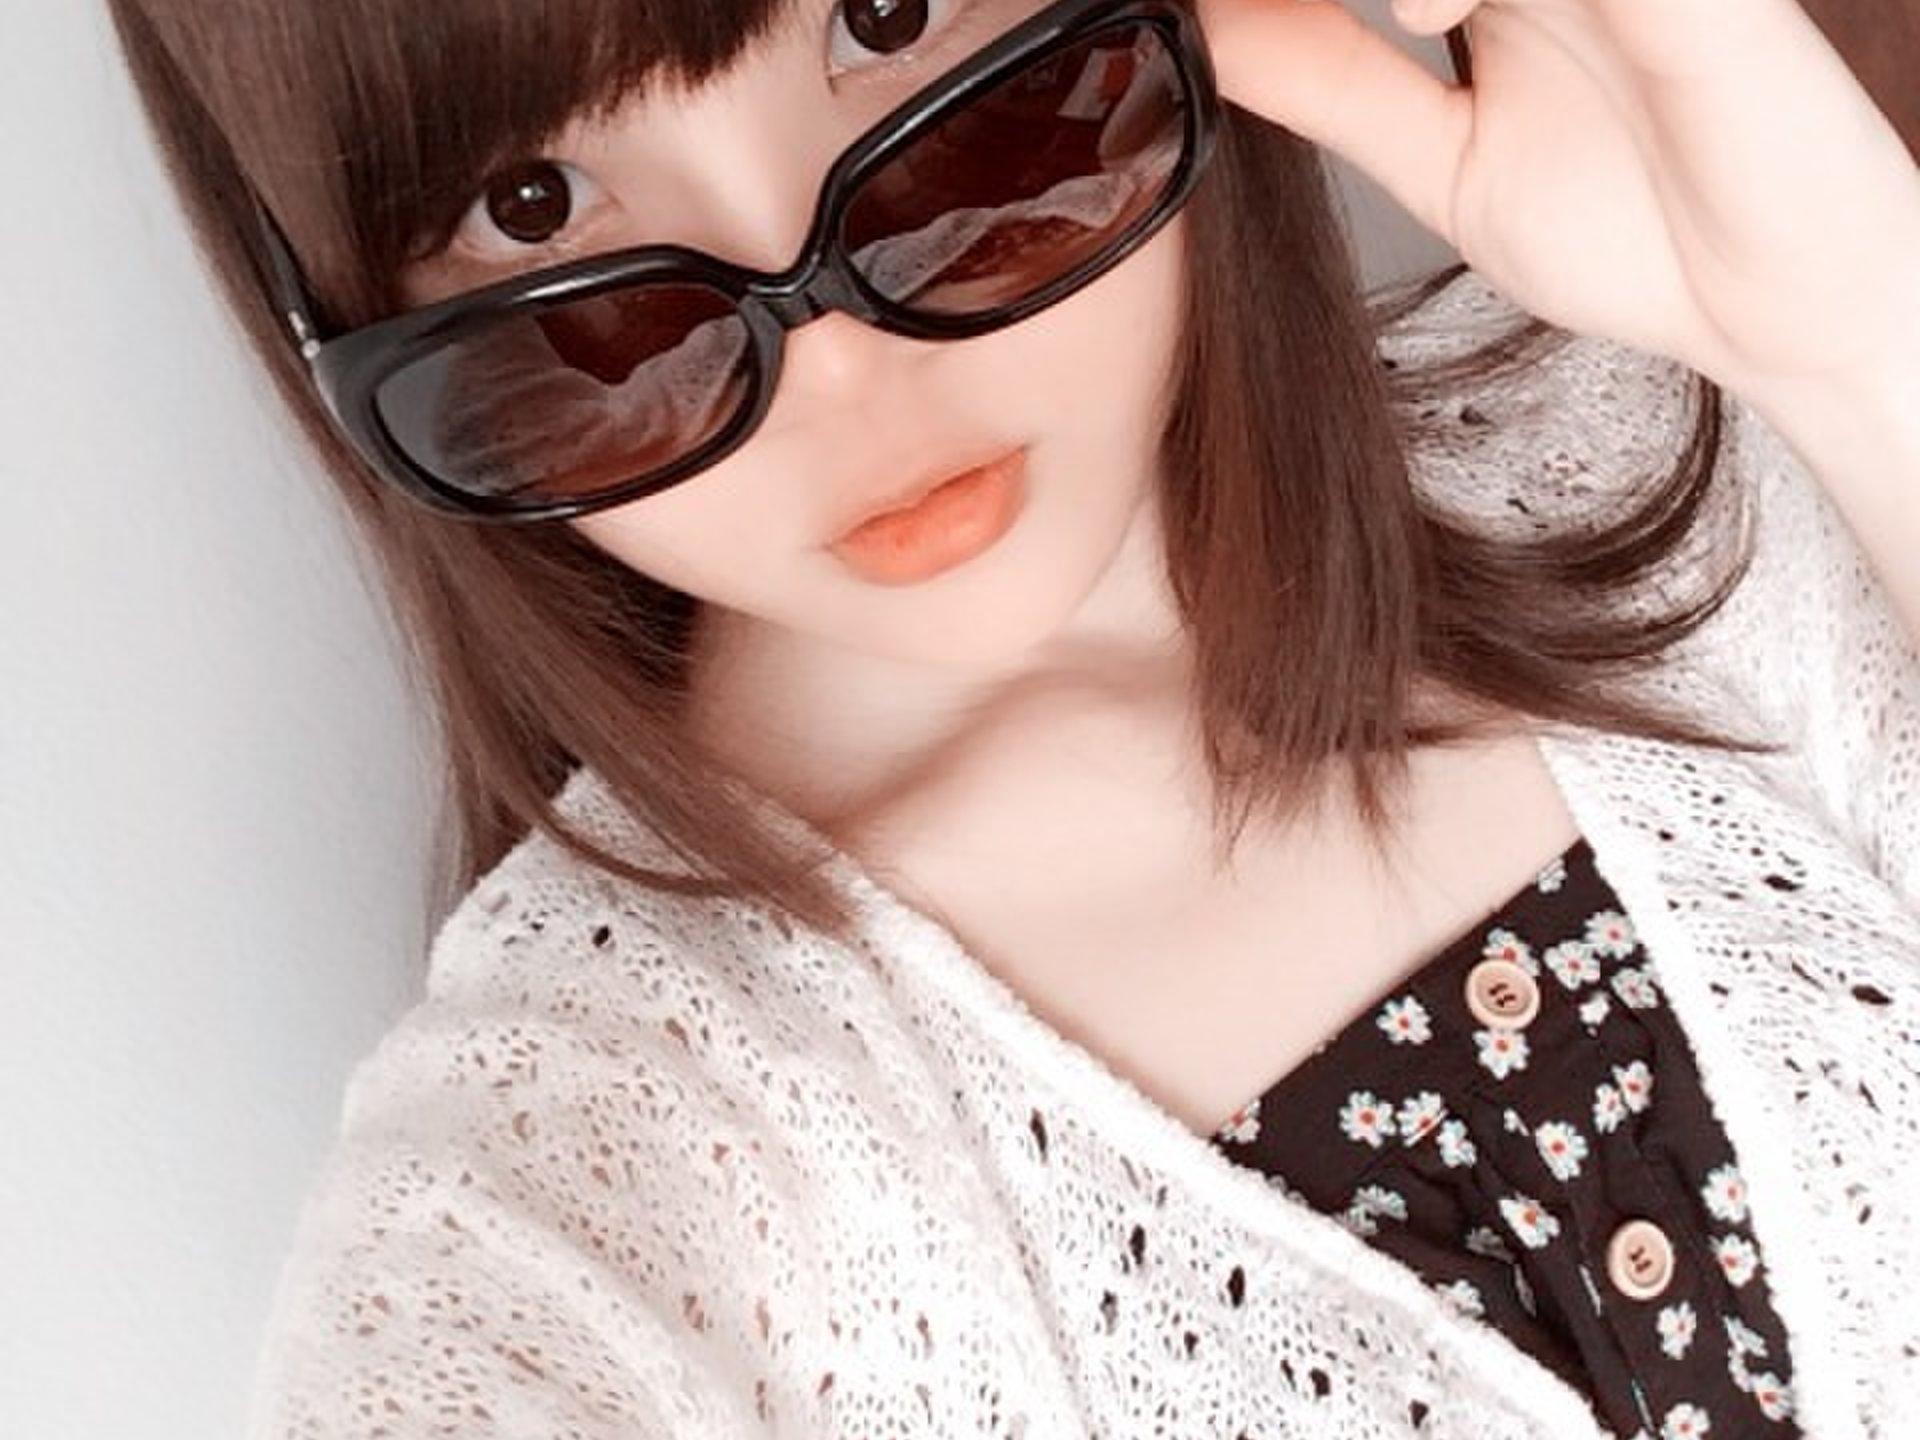 特別な日に行きたい。カップルで行きたい東京都内おすすめデートスポット5選!